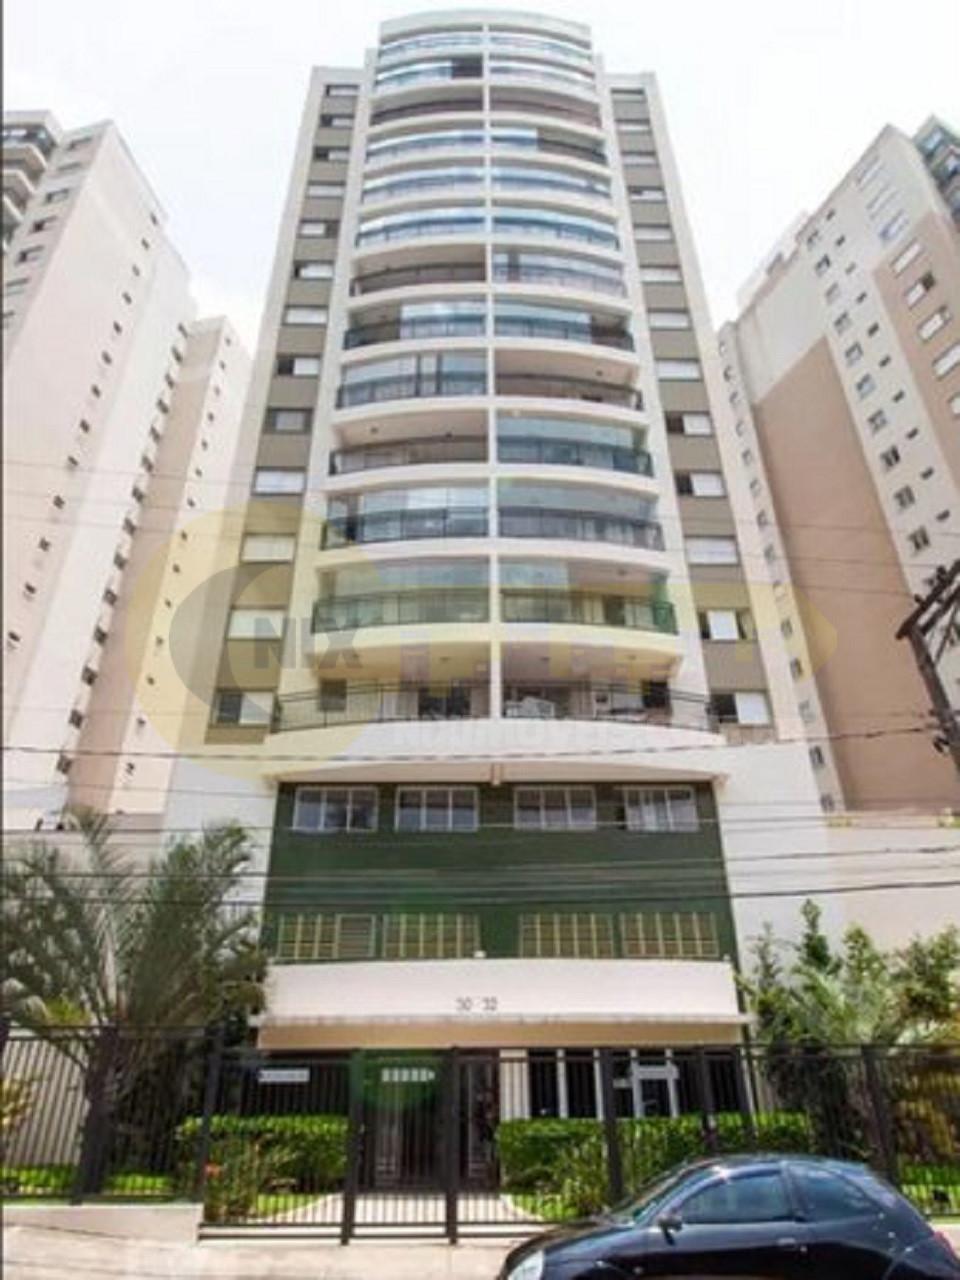 Aluguel Apartamento Vila Gomes Butanta USP Metro Próximo colado Praça Elis Regina, 60m² 2 quartos, suíte, varanda. Piscina, academia, portaria moderna 24h!